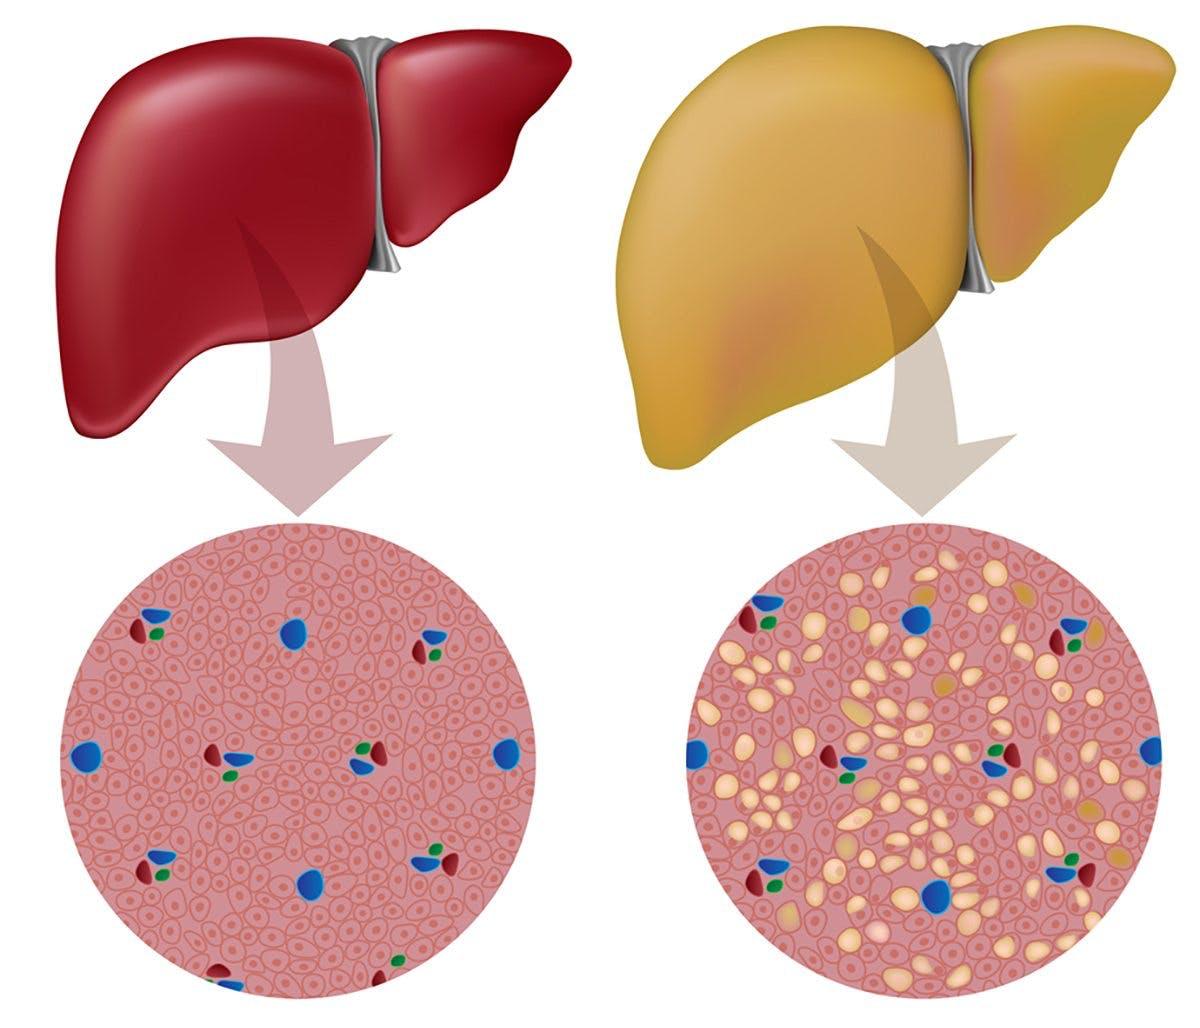 Frisk lever kontra fettlever